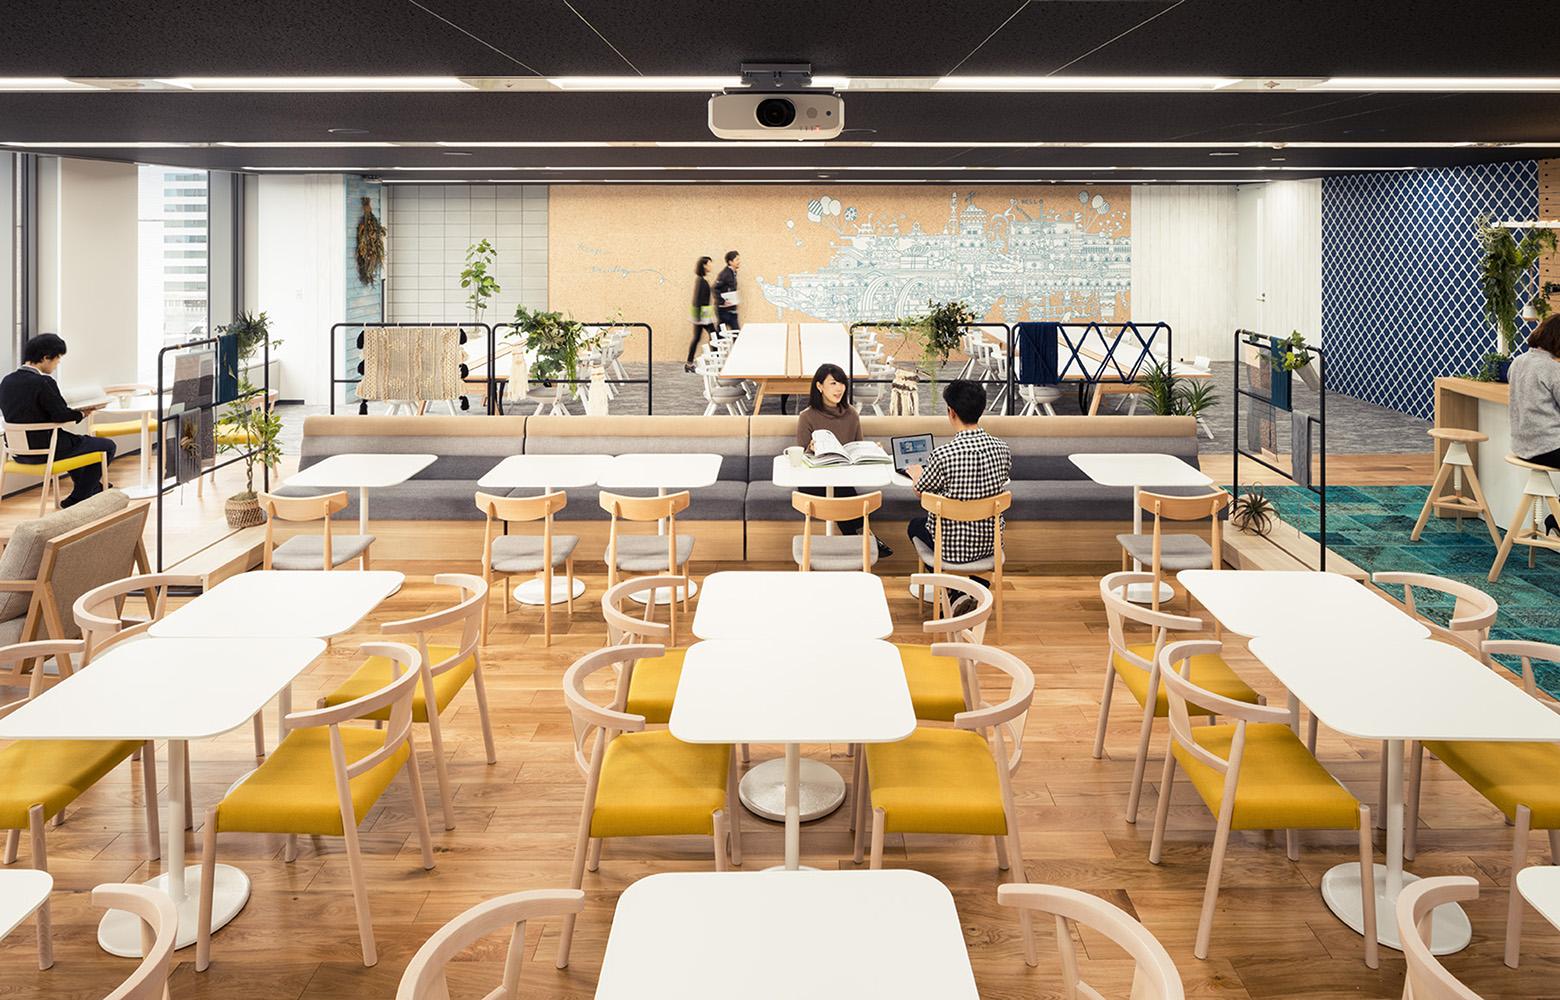 株式会社NTTデータMSE Shinagawa Office Innovation Room_2 デザイン・レイアウト事例